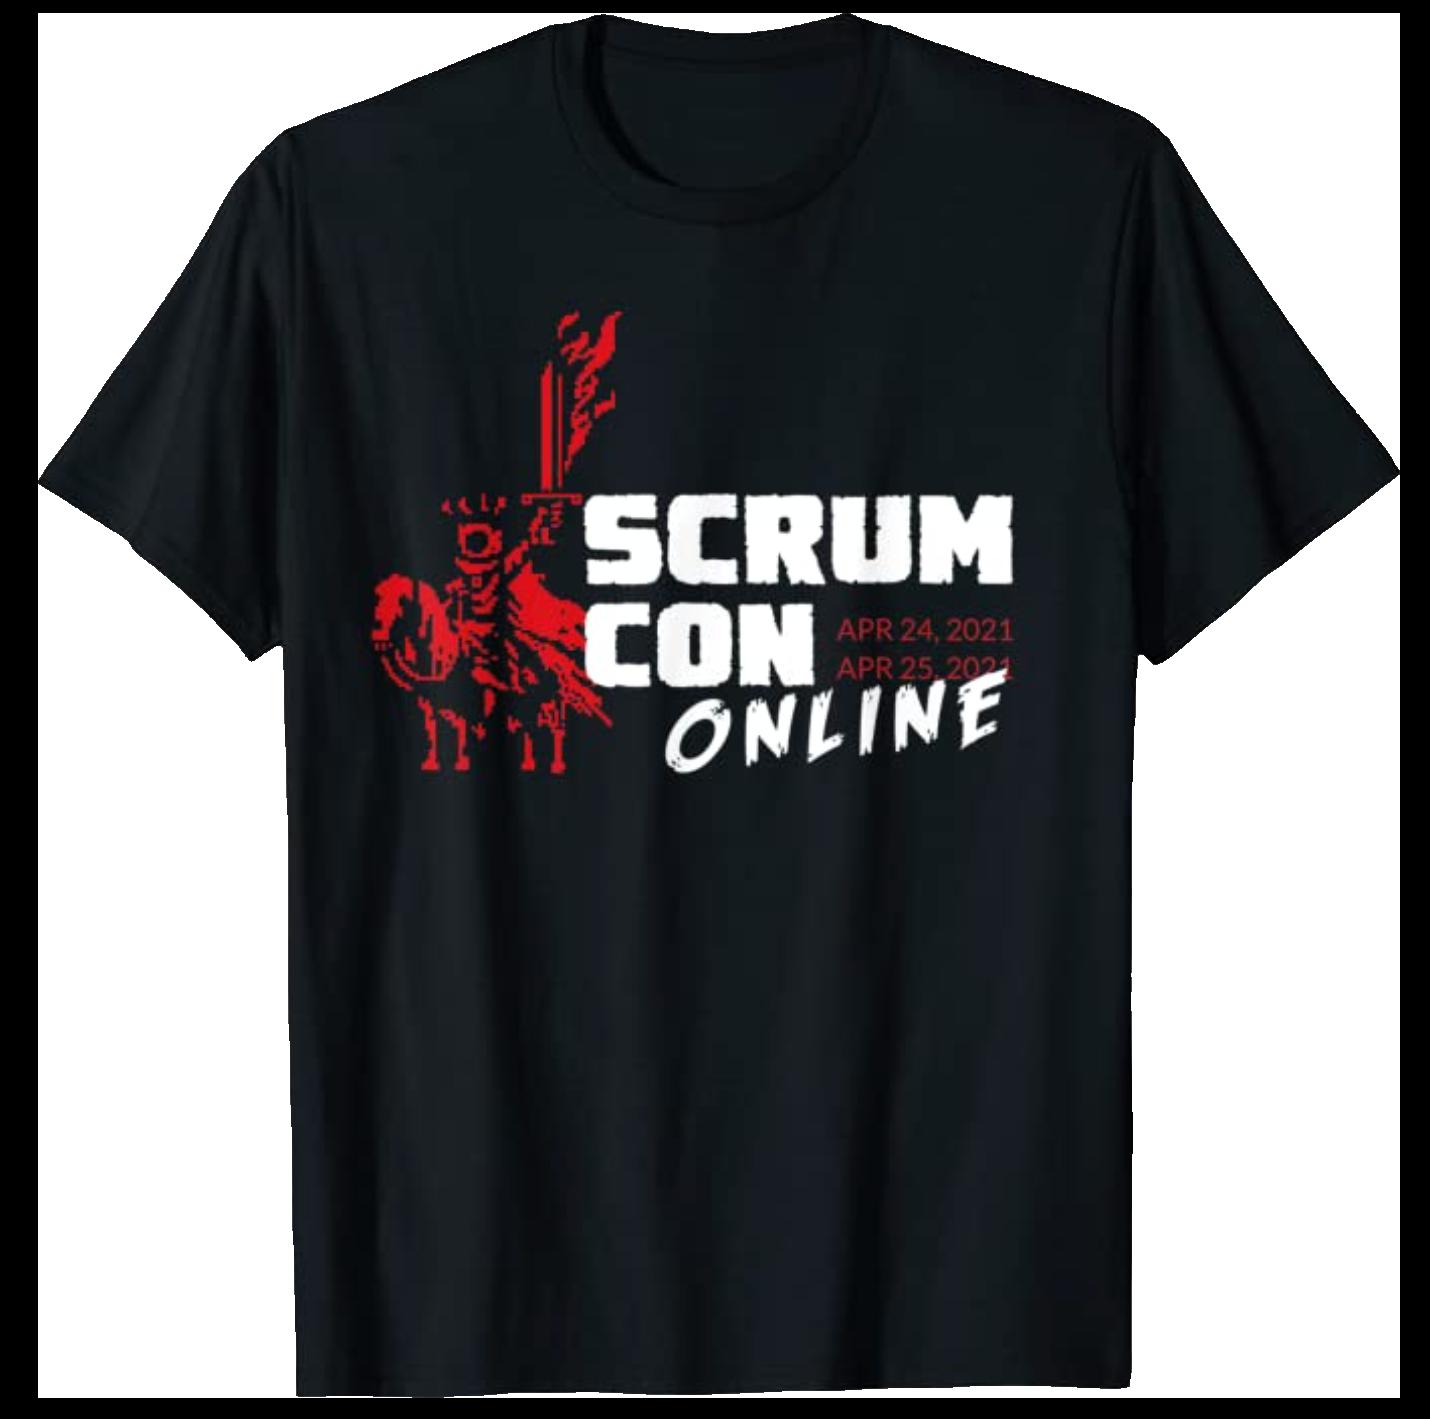 Scrum Con Online 2021 Tee